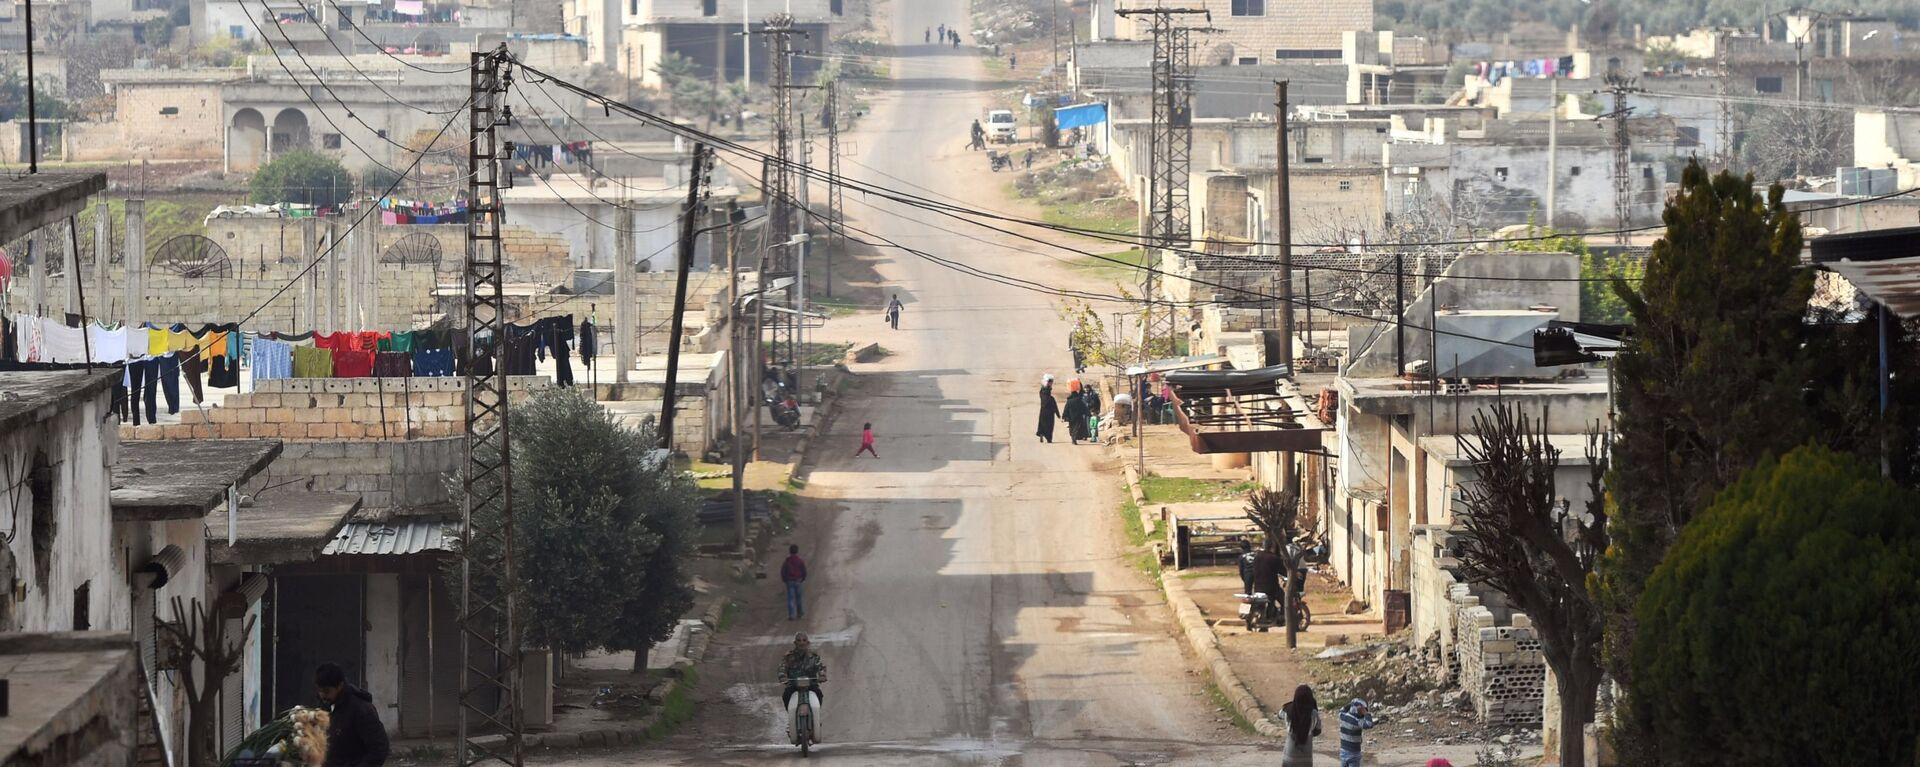 La situación en Idlib, Siria (archivo) - Sputnik Mundo, 1920, 28.12.2020